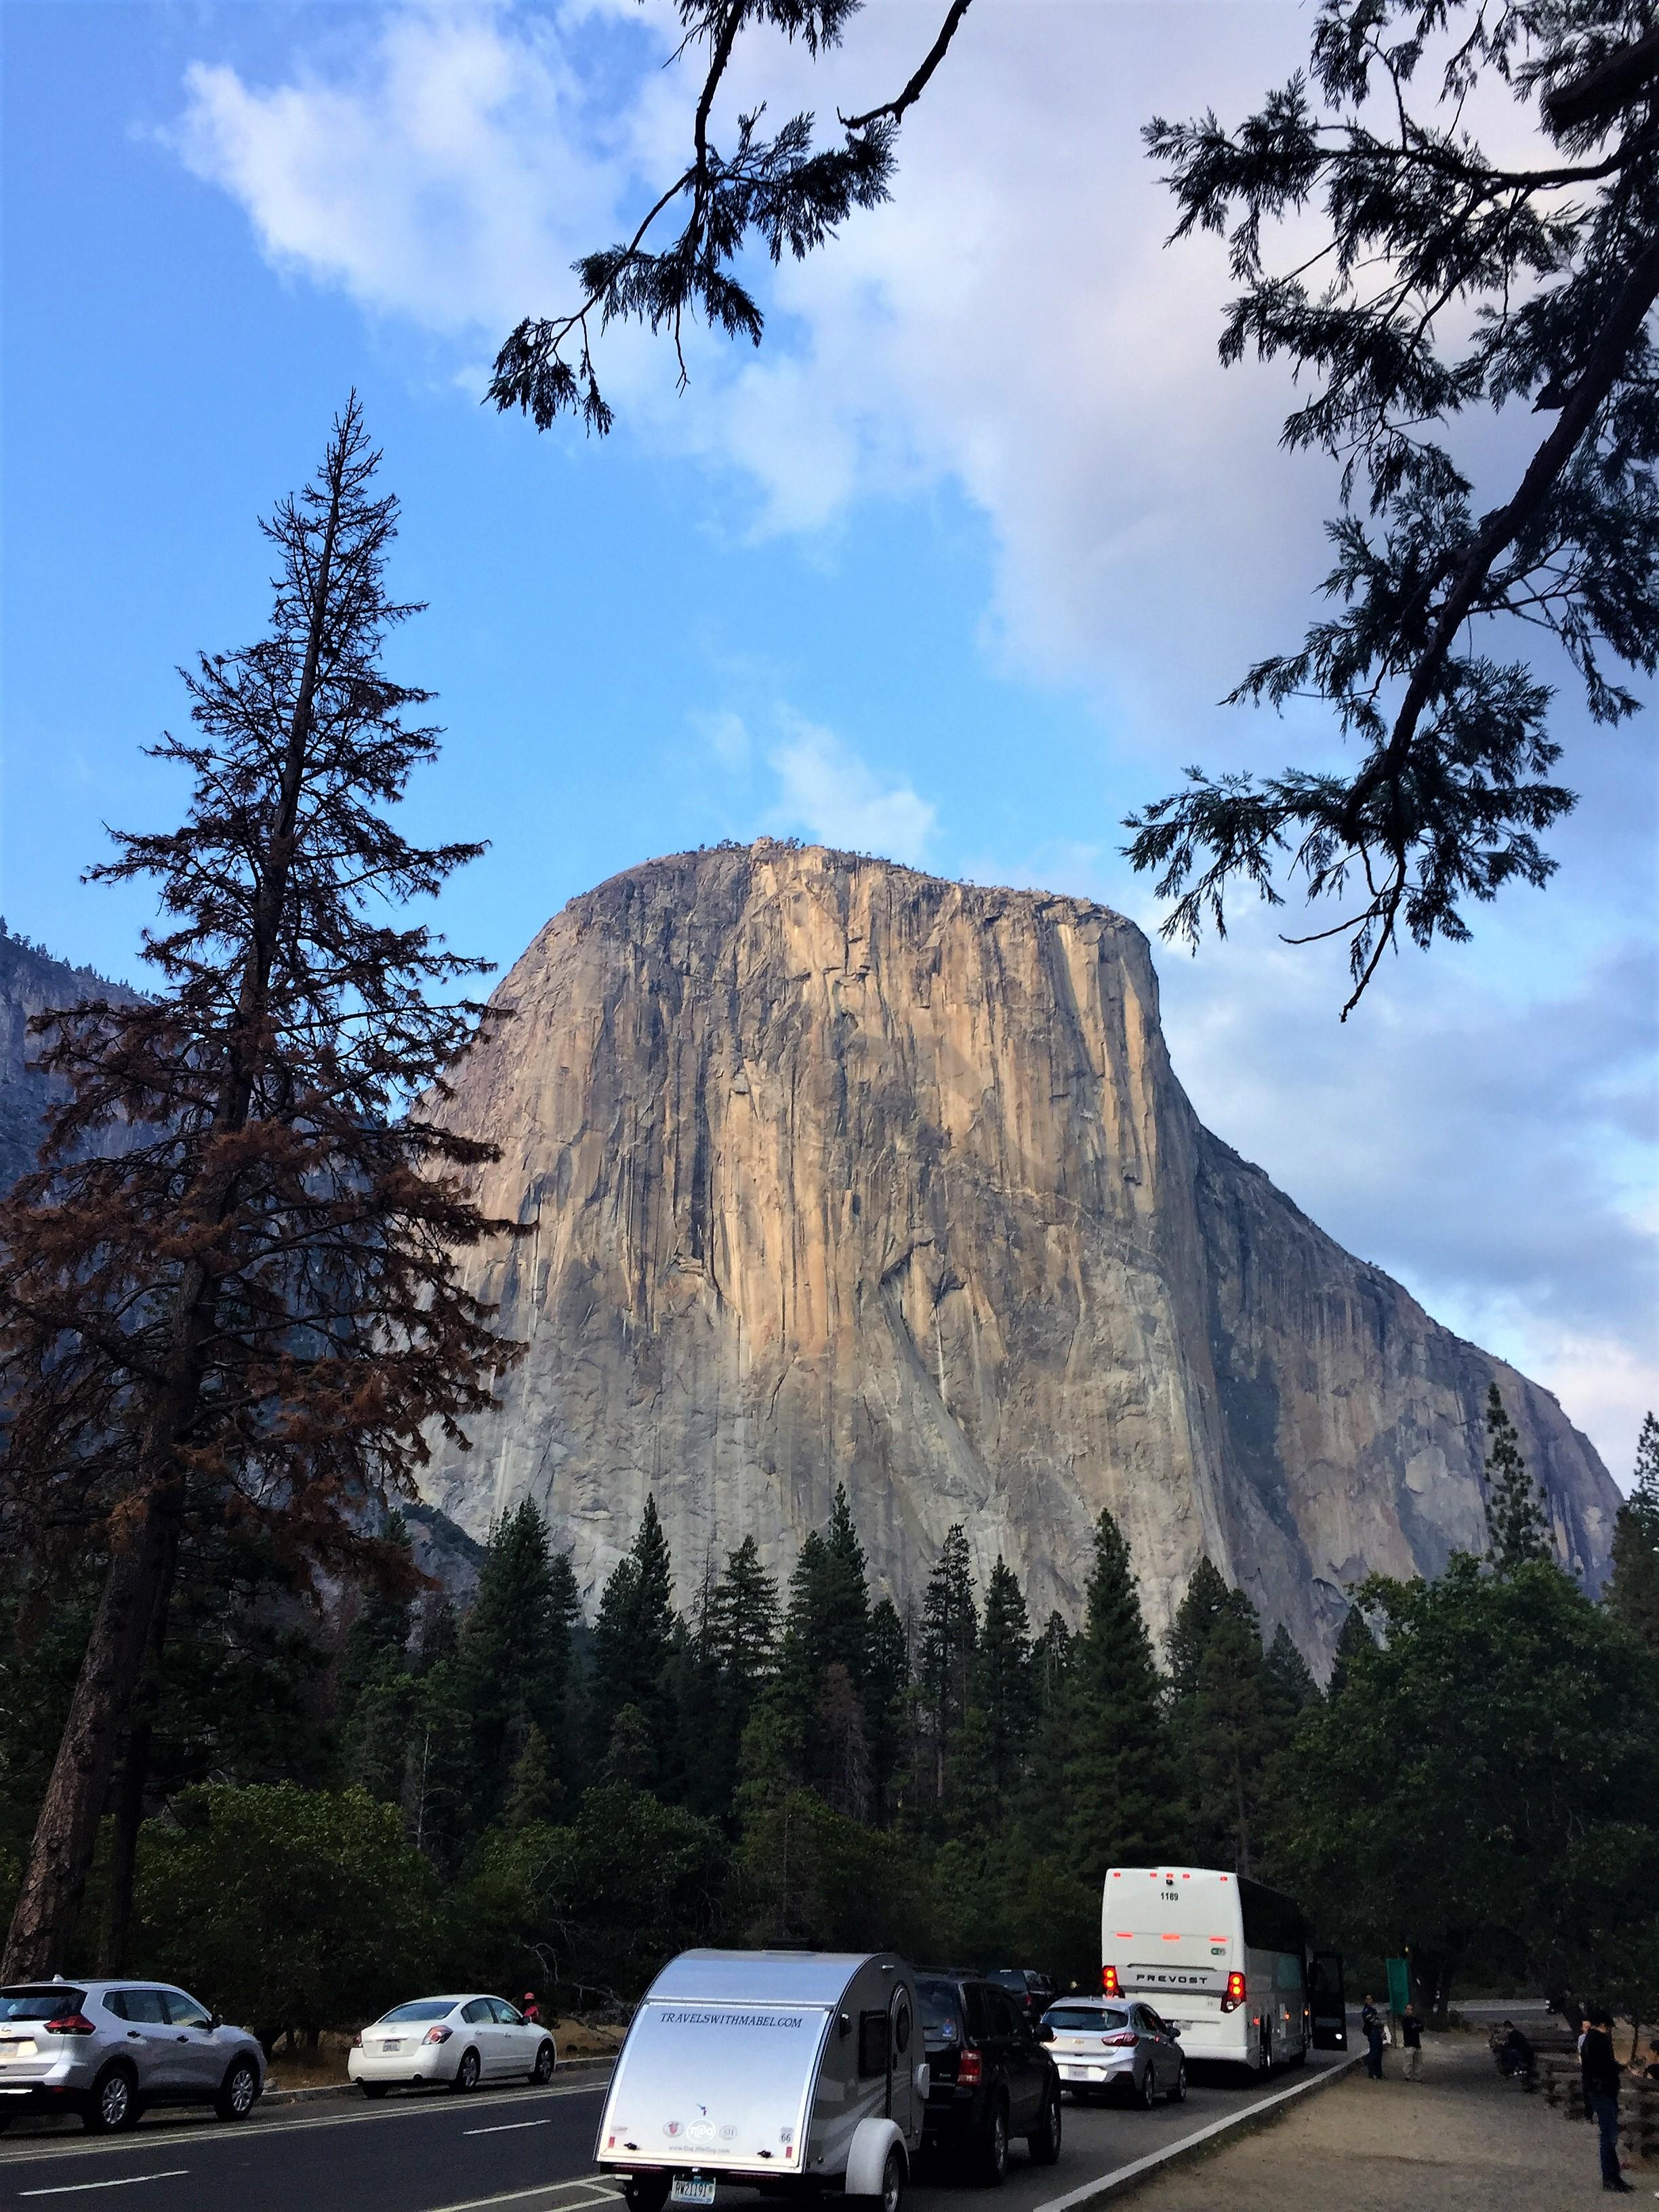 Arabella in front of El Capitain, Yosemite NP